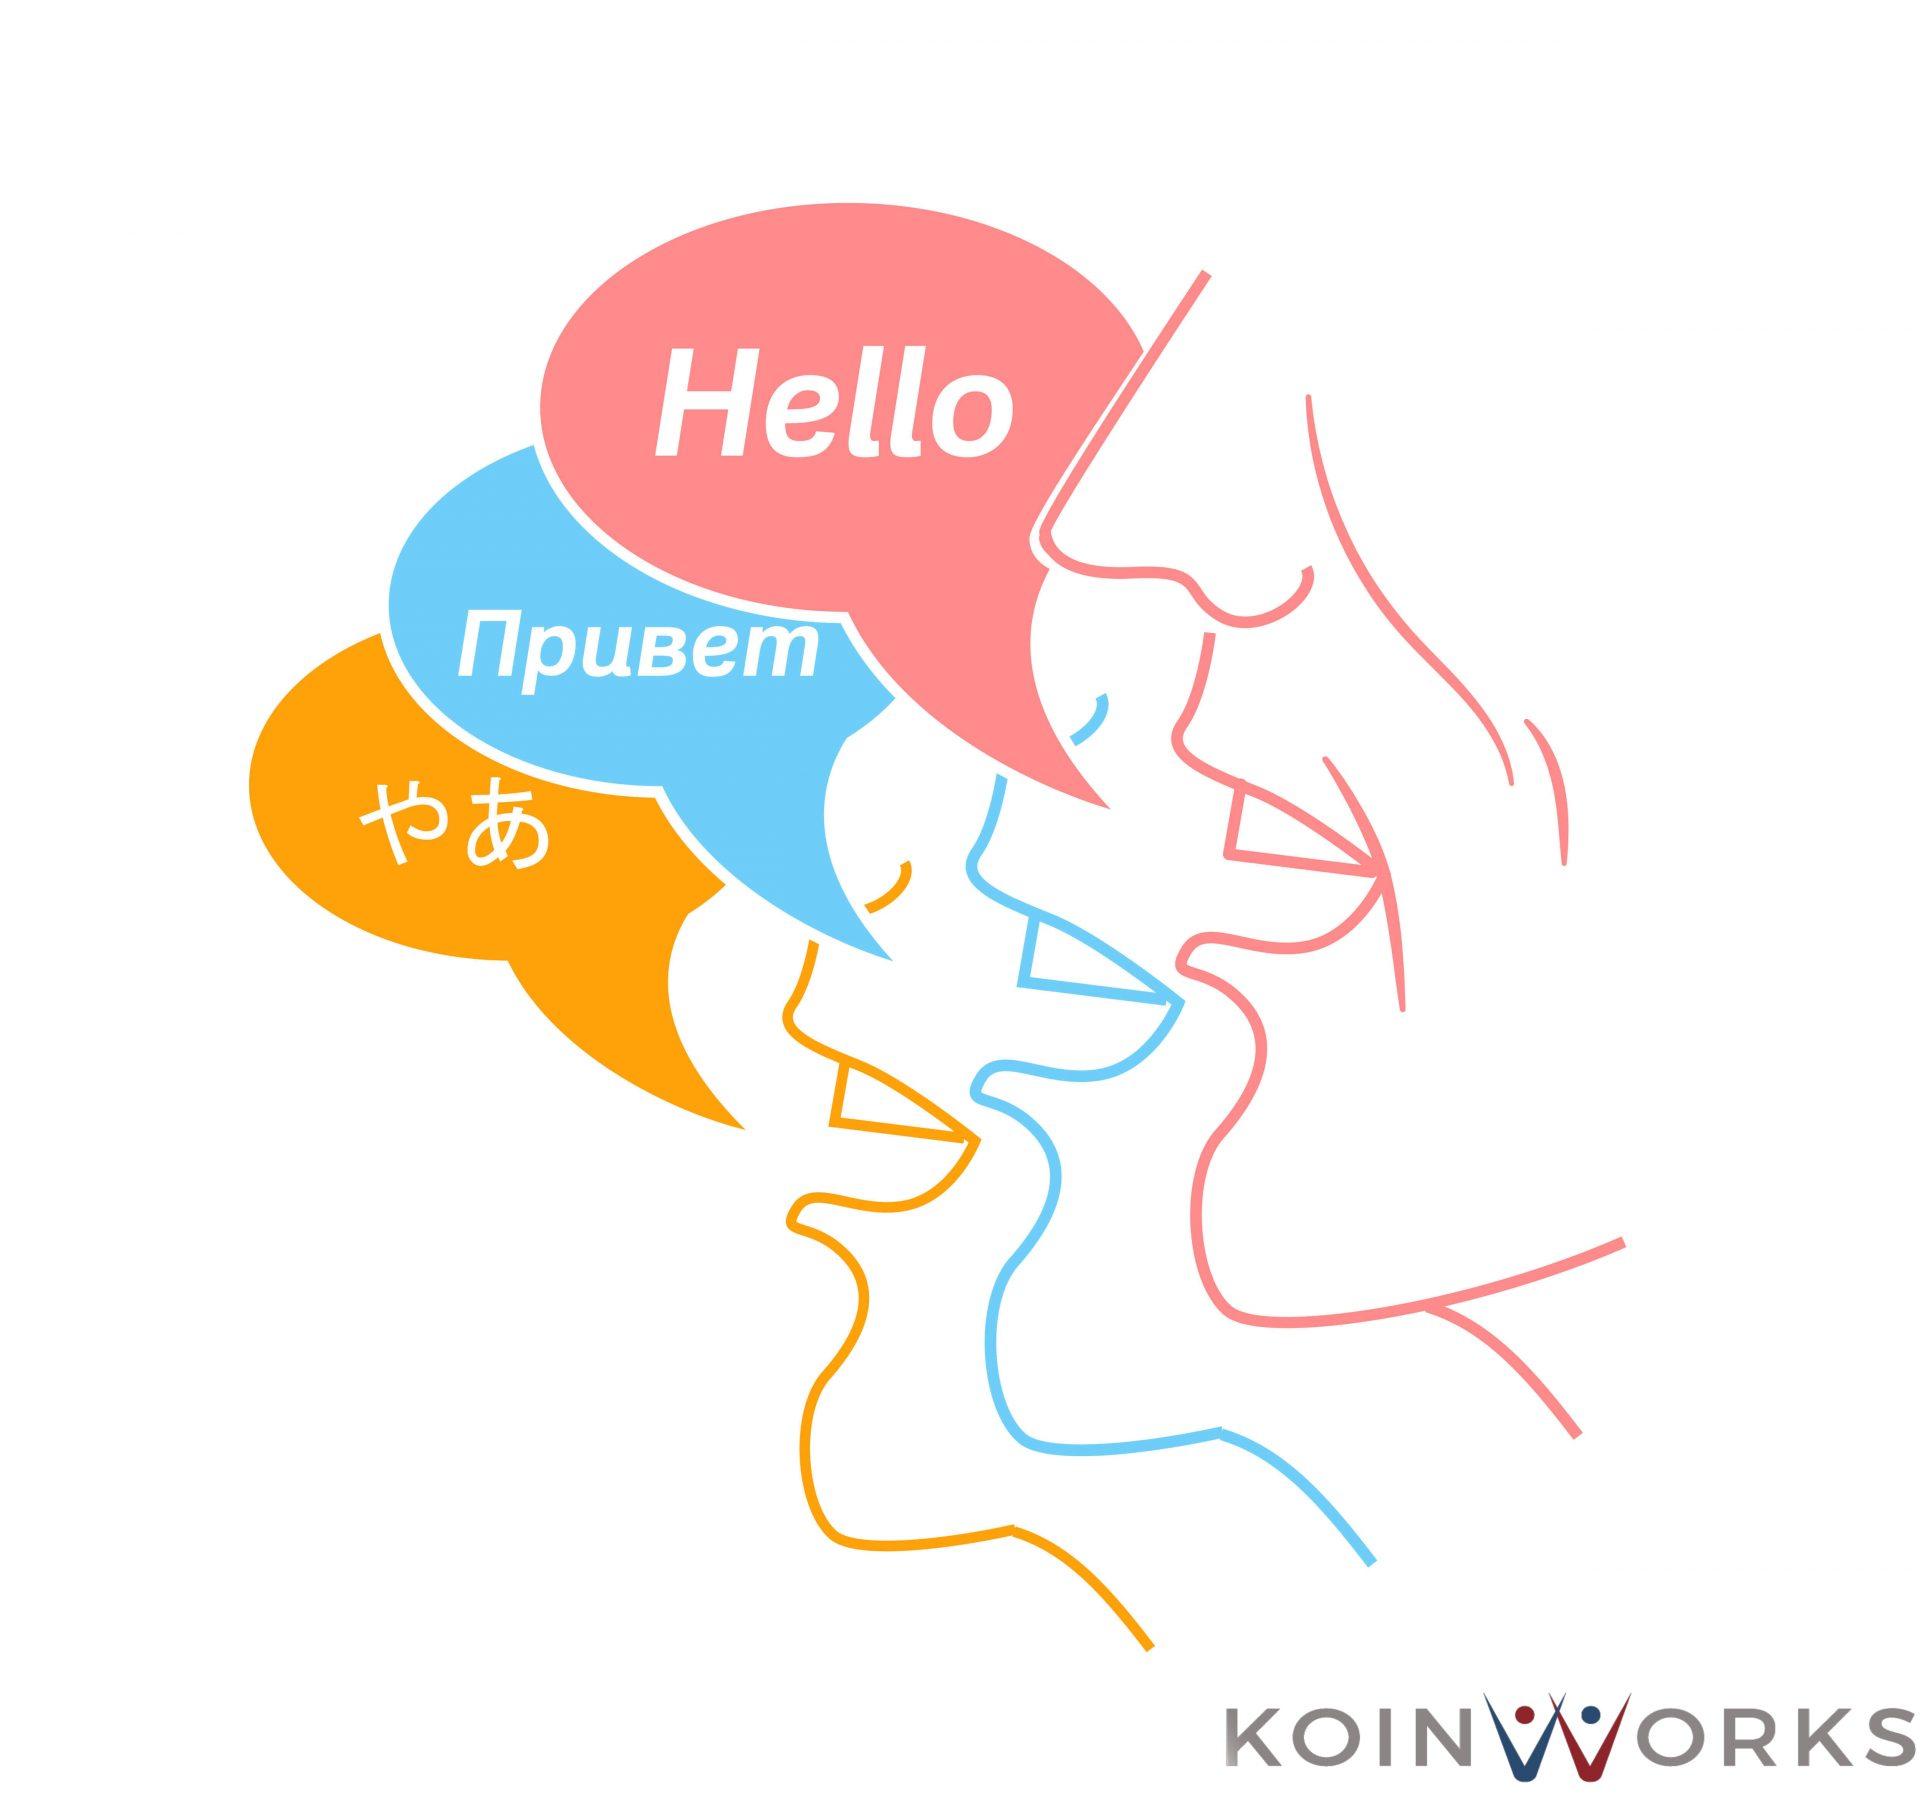 belajar bahasa pertama baru bahasa Inggris